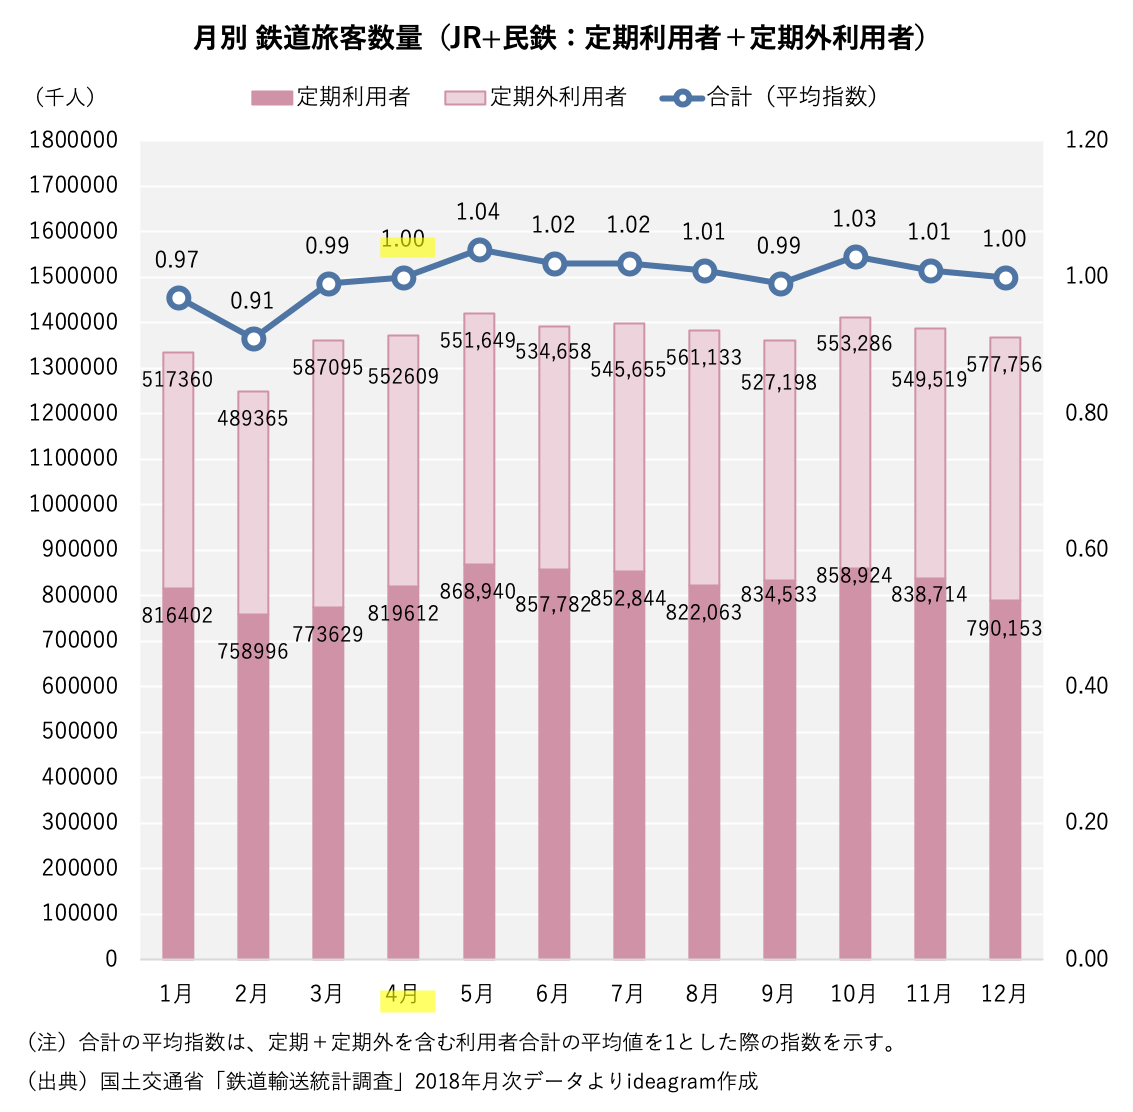 2018年の月別鉄道旅客数量(定期+定期外利用者)のグラフです